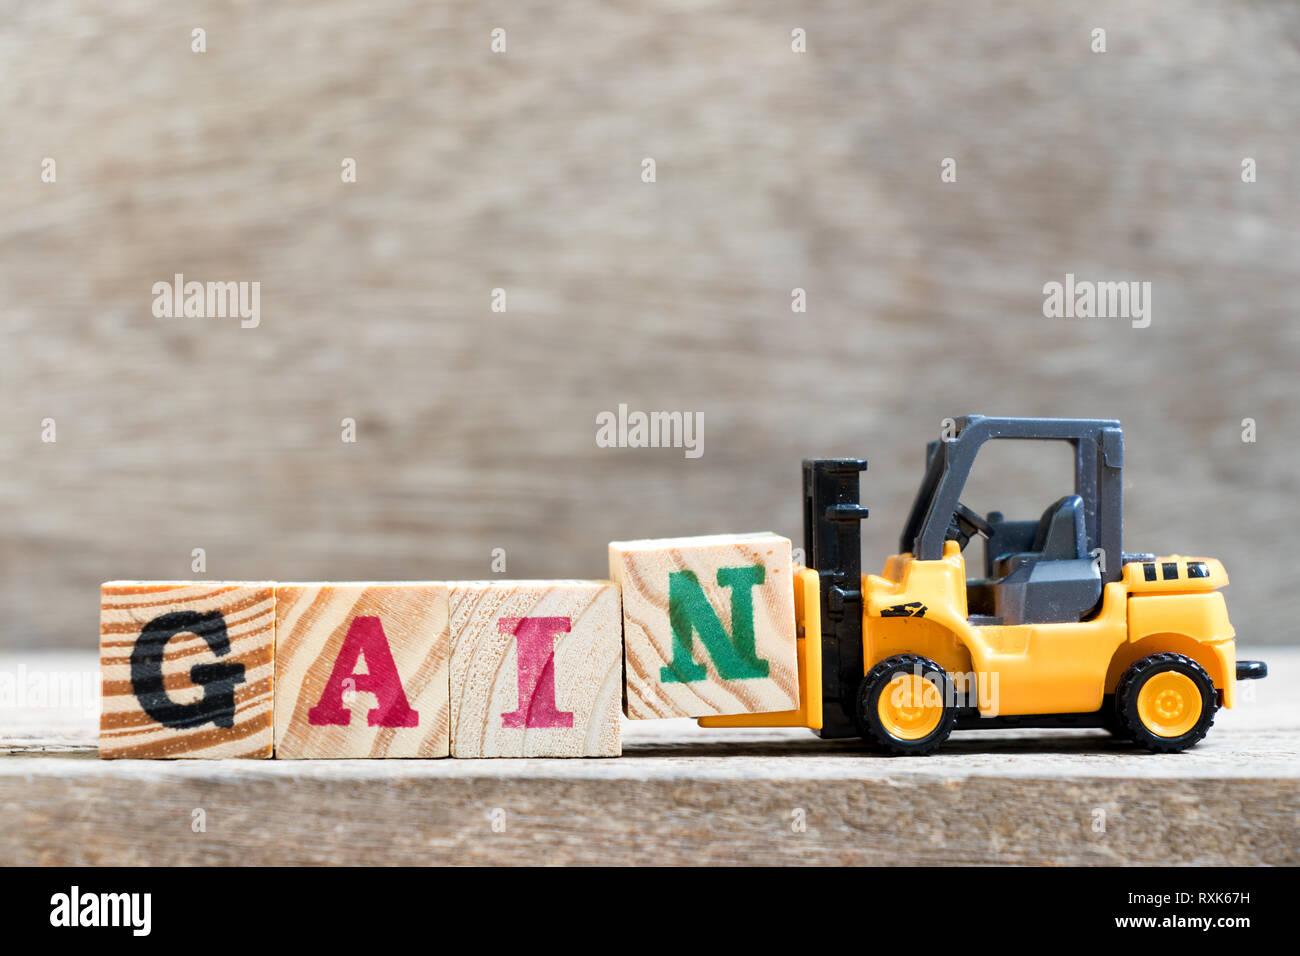 Spielzeug Gabelstapler halten schreiben Block N in Wort Gewinn aus Holz Hintergrund Stockbild